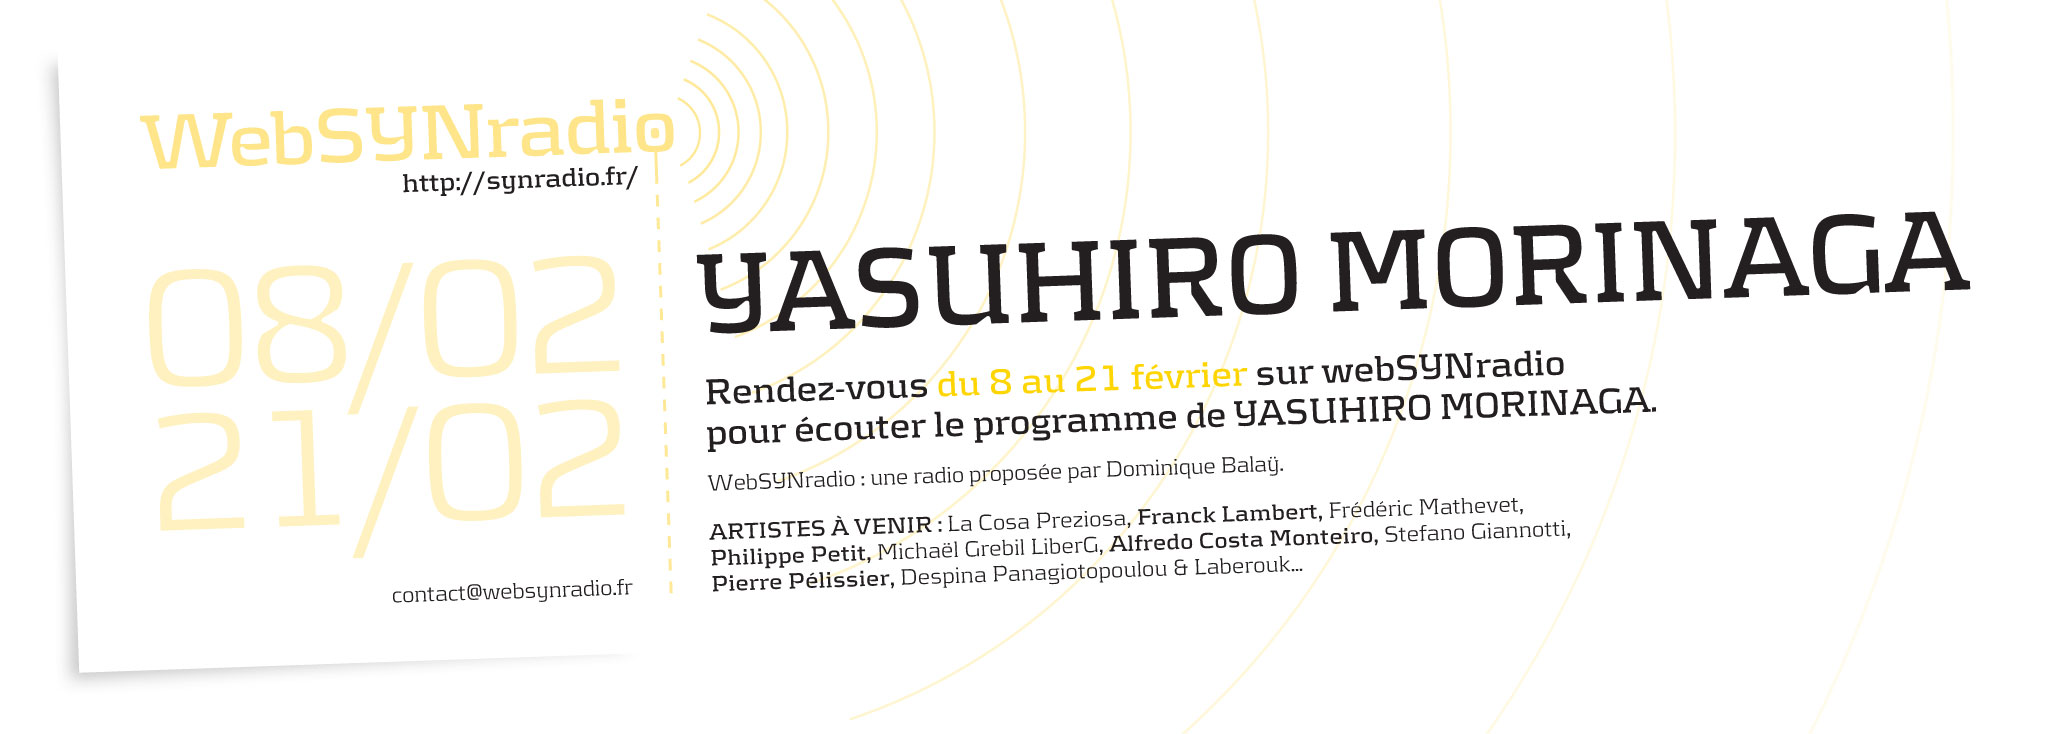 Yasuhiro-Morinaga websynradio